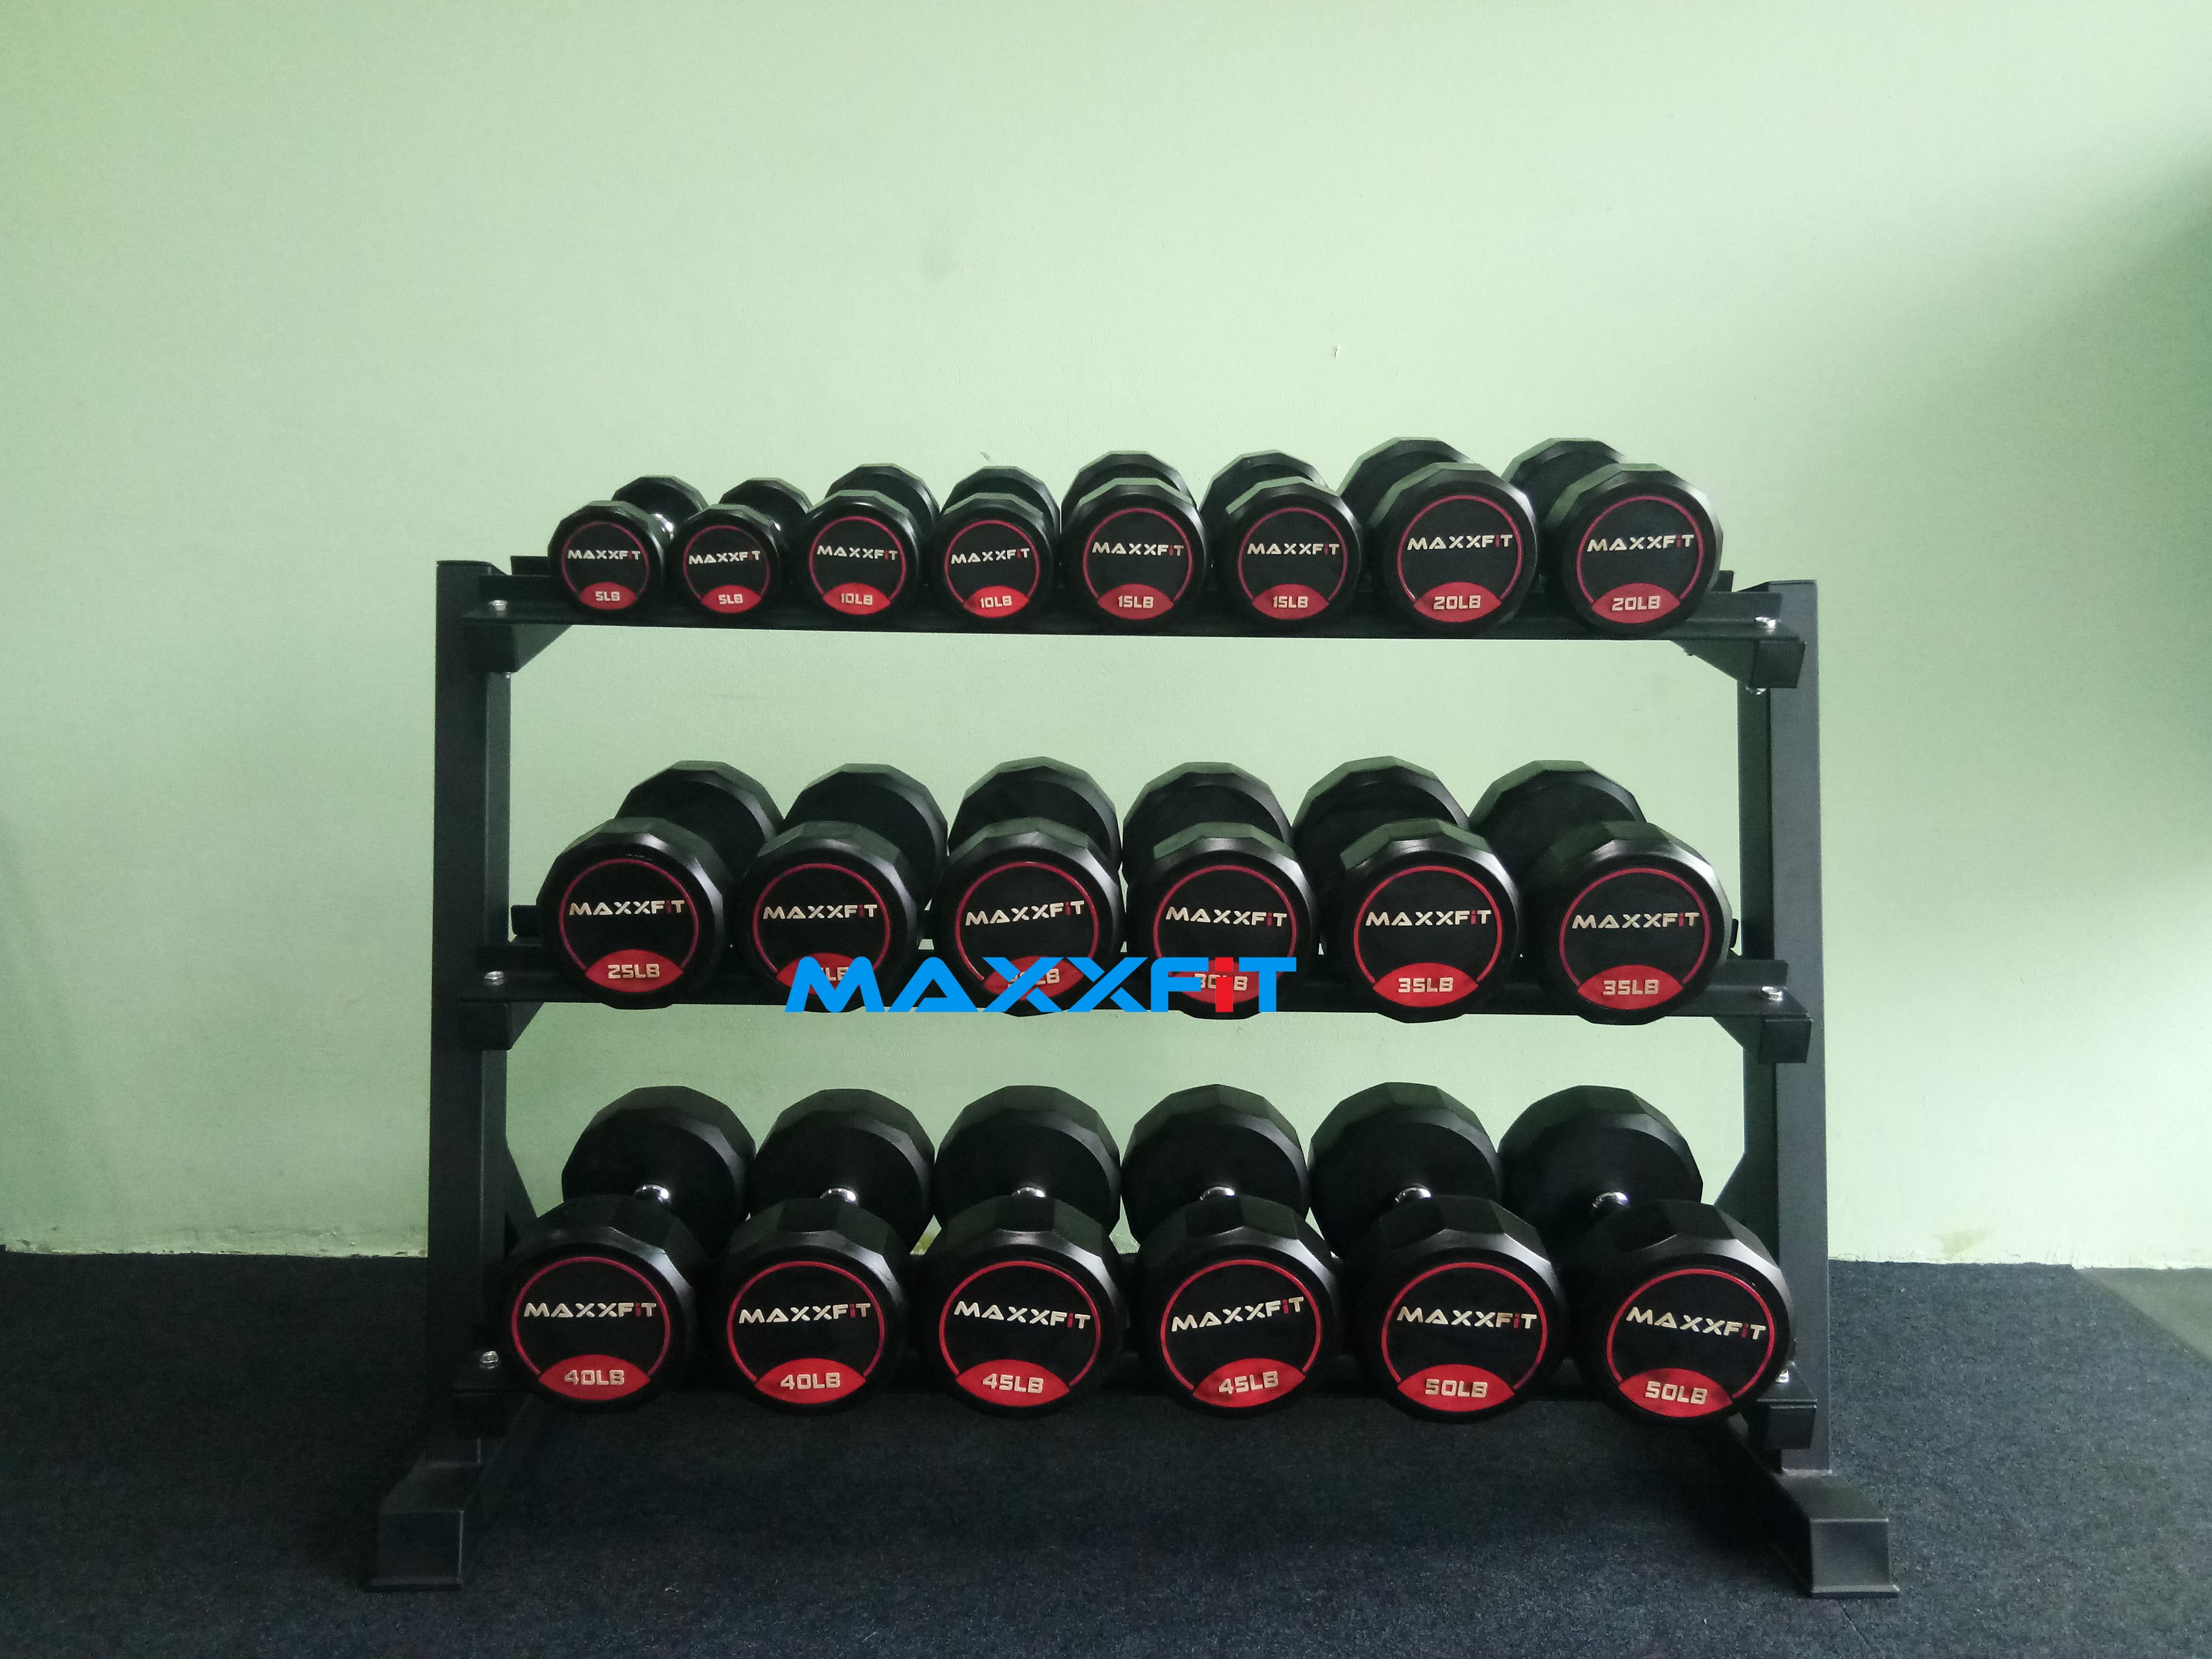 ชุดดัมเบล MAXXFiT ทรง 12 เหลี่ยม ขนาด 5 - 50 LBS. (10 คู่) พร้อมชั้นวาง 3 ชั้น สีดำ